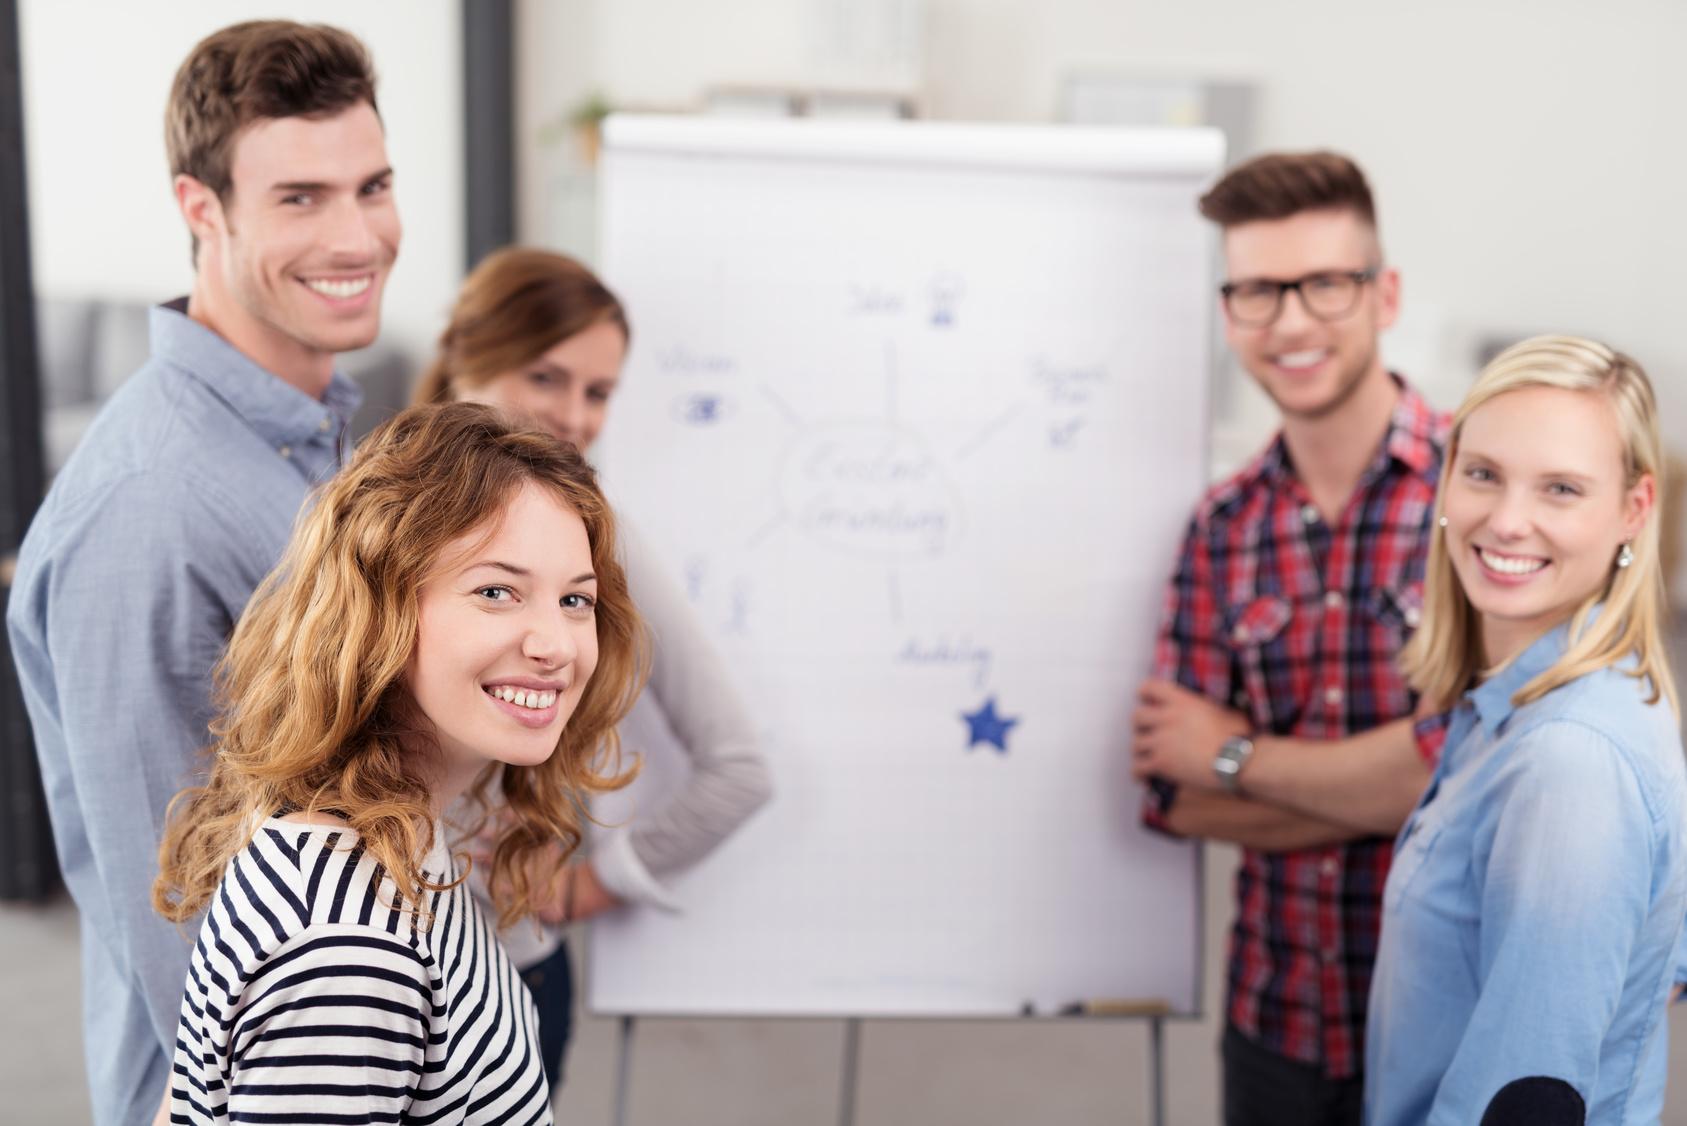 Gruppe Schüler steht vor einem Flipchart und erarbeitet Ideen